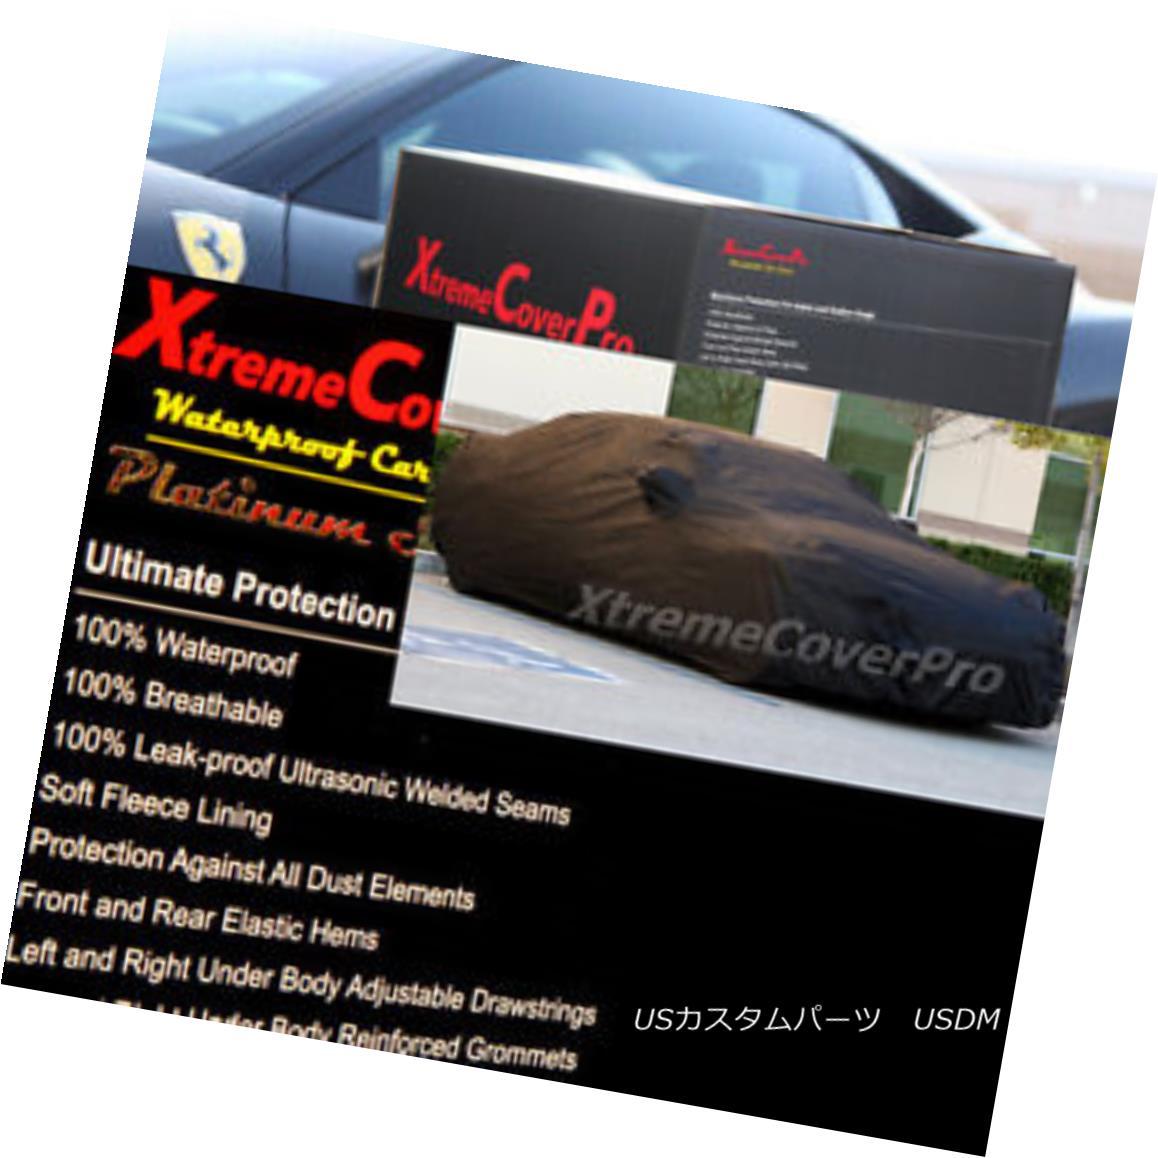 カーカバー 2013 Honda Fit Waterproof Car Cover w/MirrorPocket 2013年ホンダフィット防水カーカバー付き(MirrorPocket)